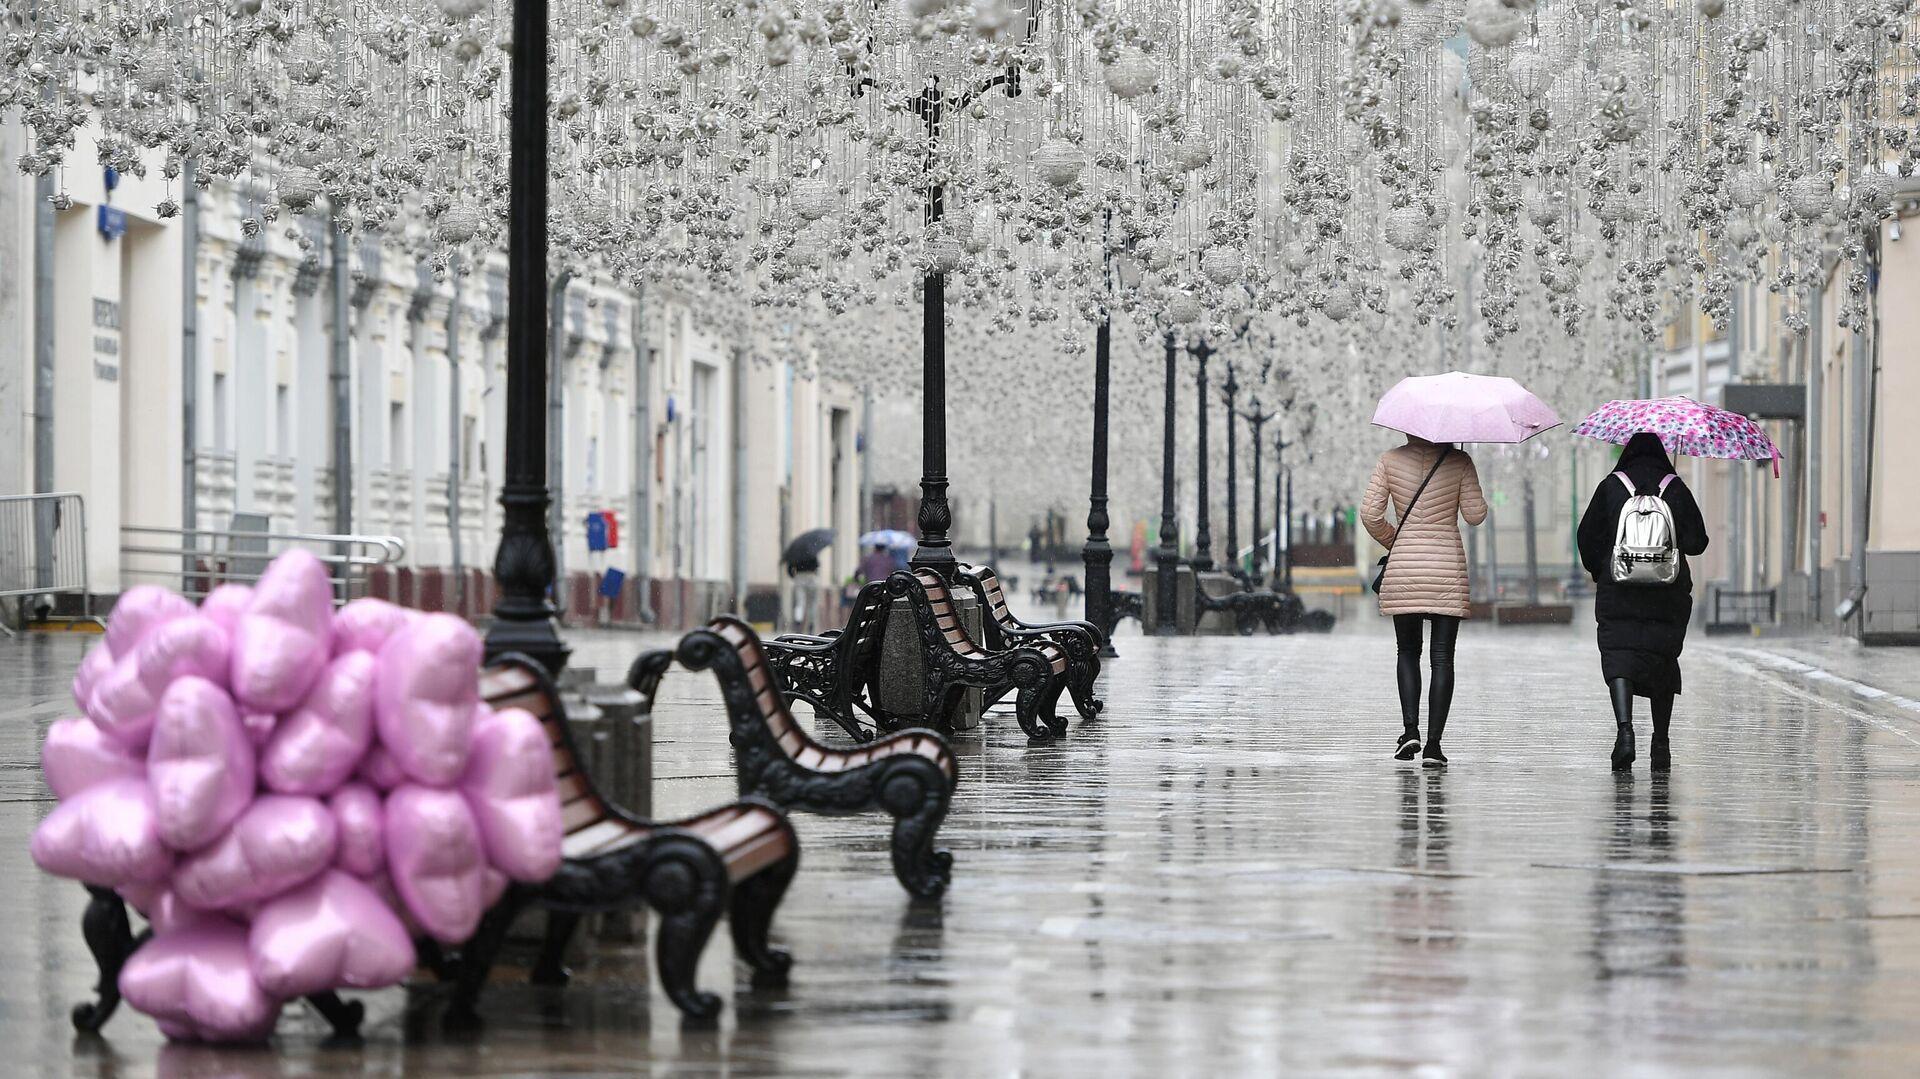 Дождь в Москве - РИА Новости, 1920, 07.11.2020